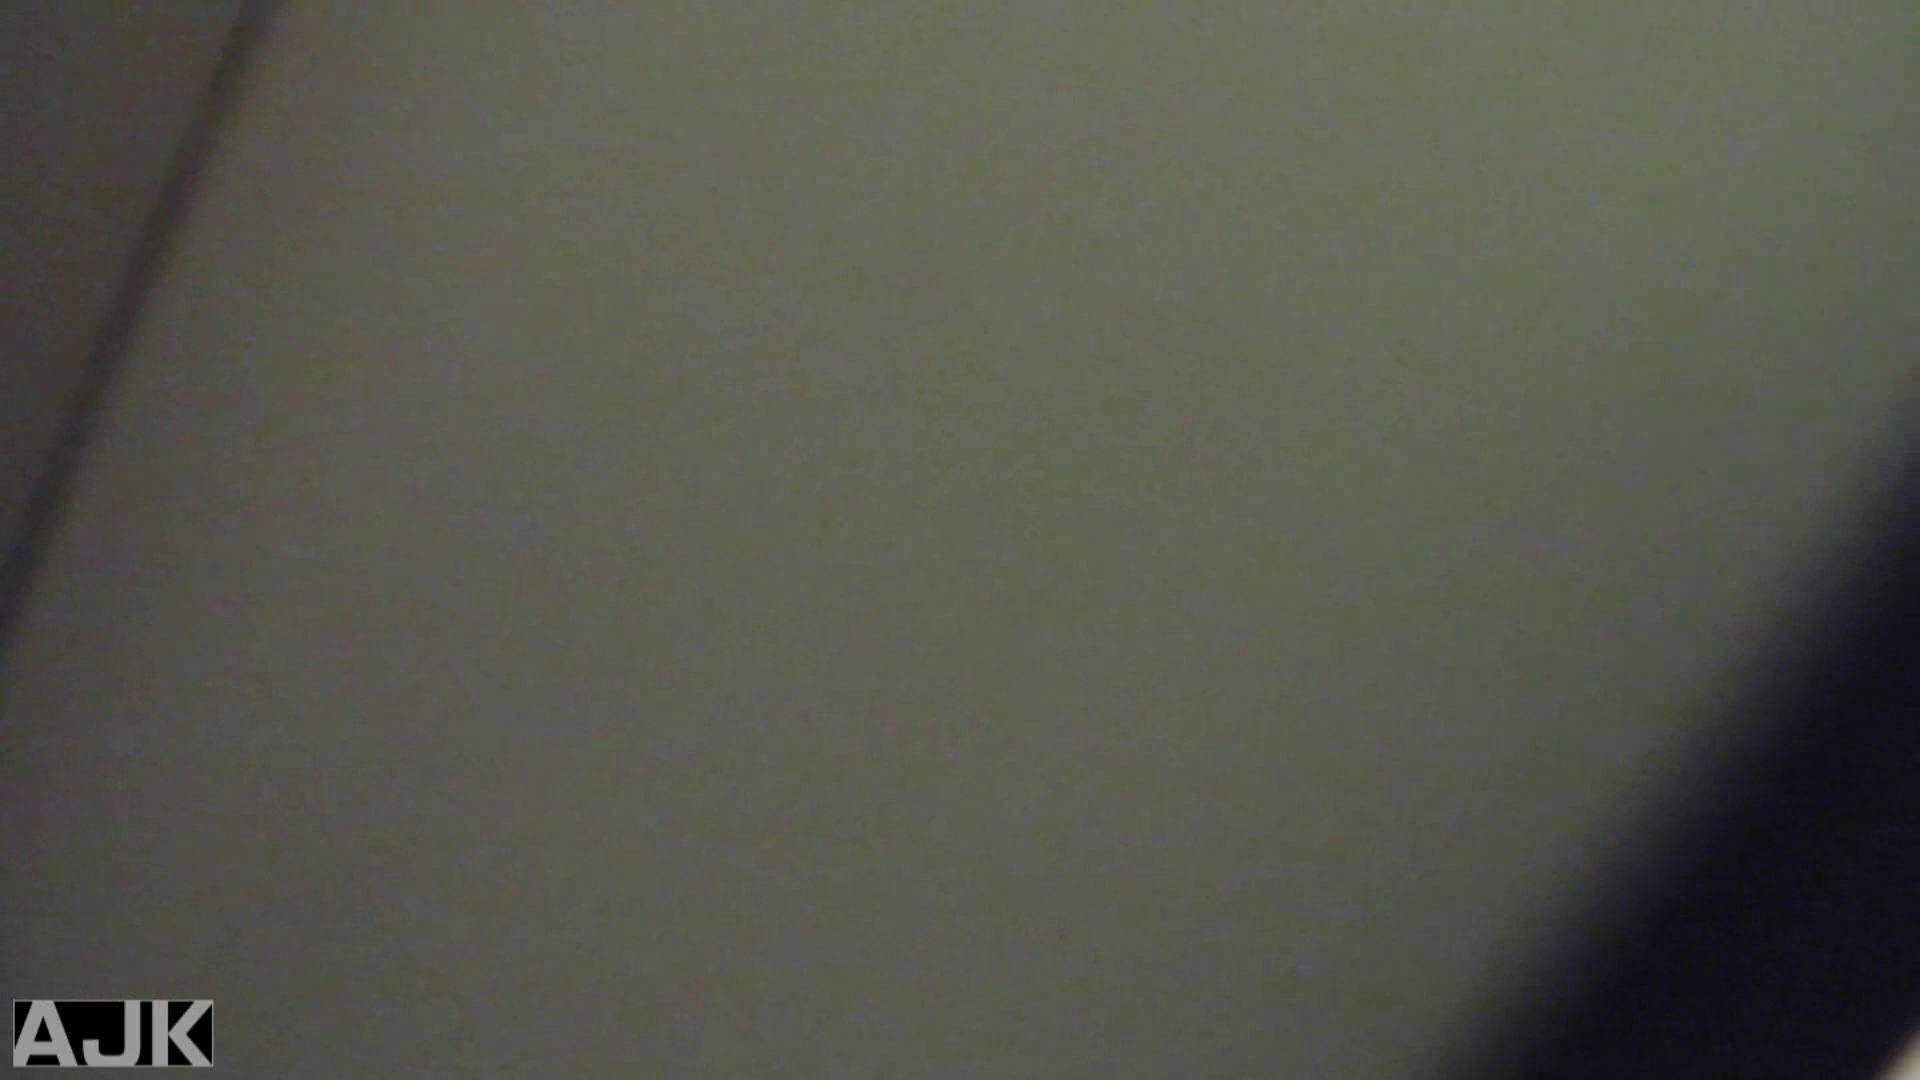 隣国上階級エリアの令嬢たちが集うデパートお手洗い Vol.06 便所 エロ画像 78画像 73